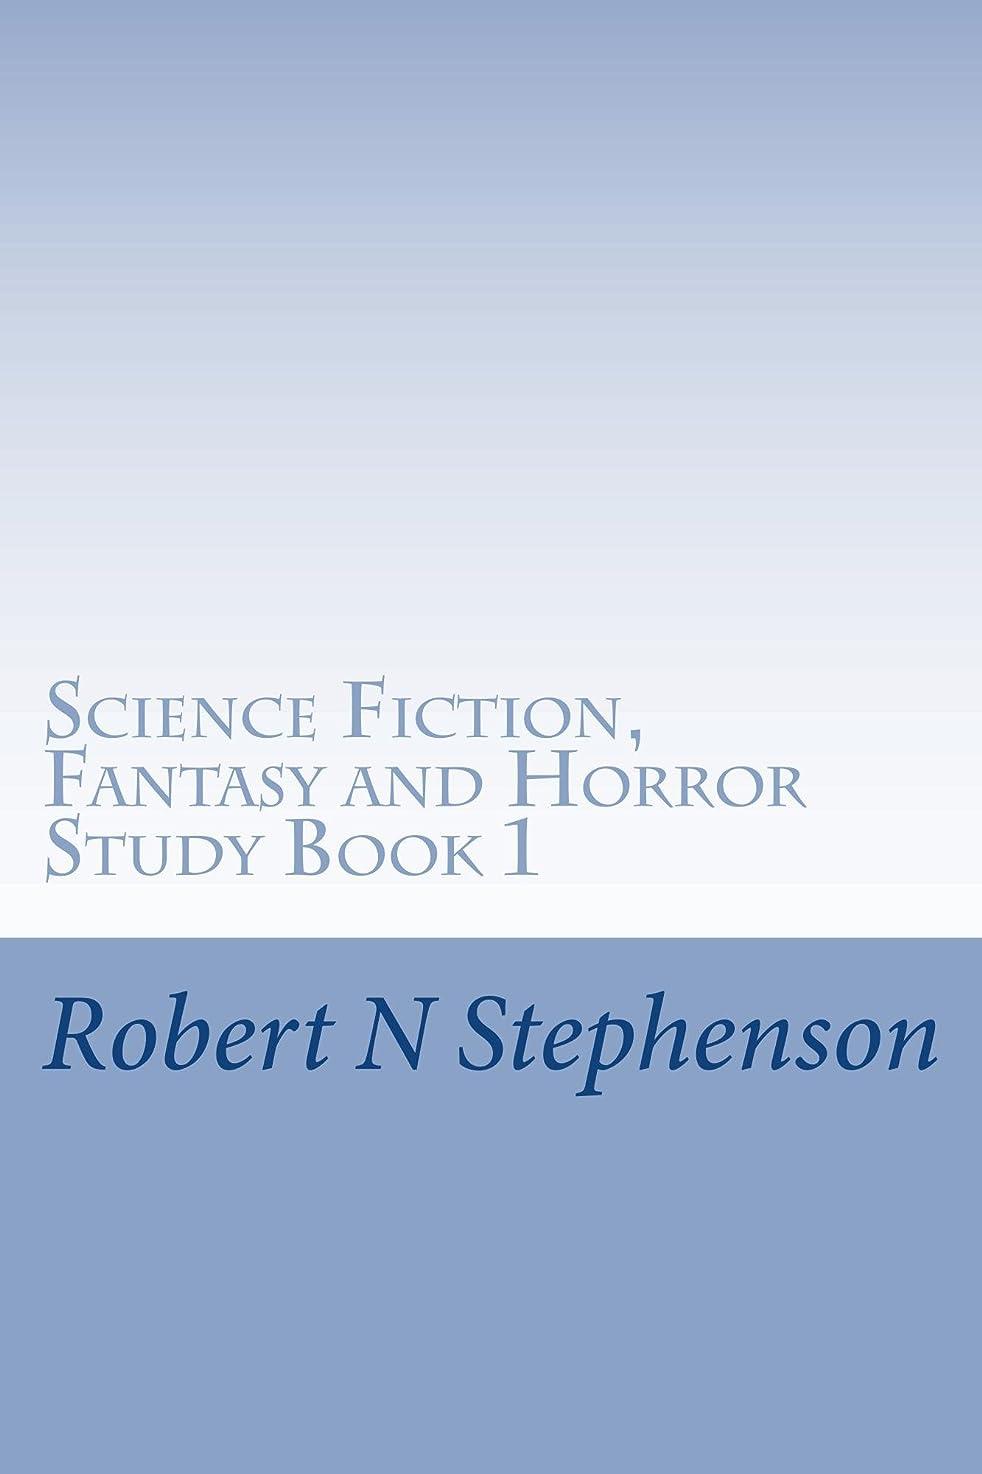 思い出す二年生ランクScience Fiction, Fantasy and Horror Study Book 1 (Science Fiction, Fantasy and Horror Study Series) (English Edition)